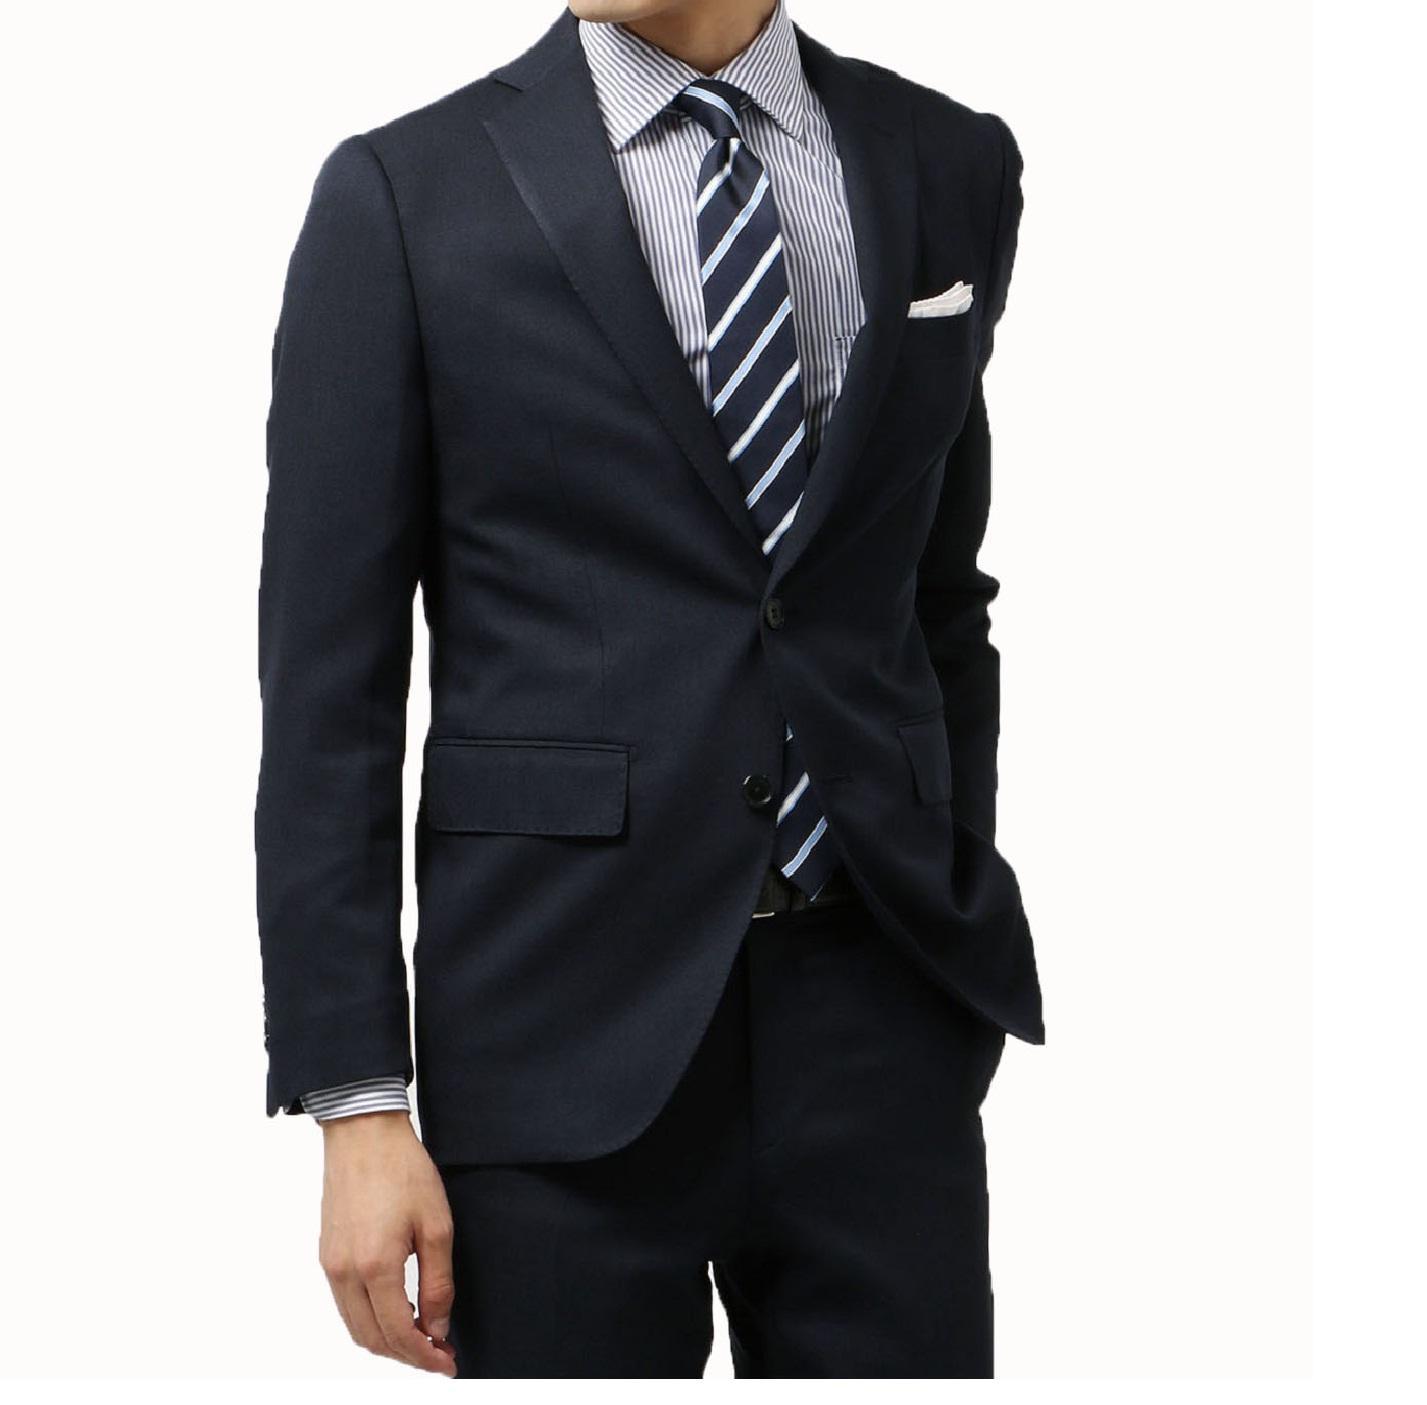 jas pria – jas formal pria kantor kualitas tailor